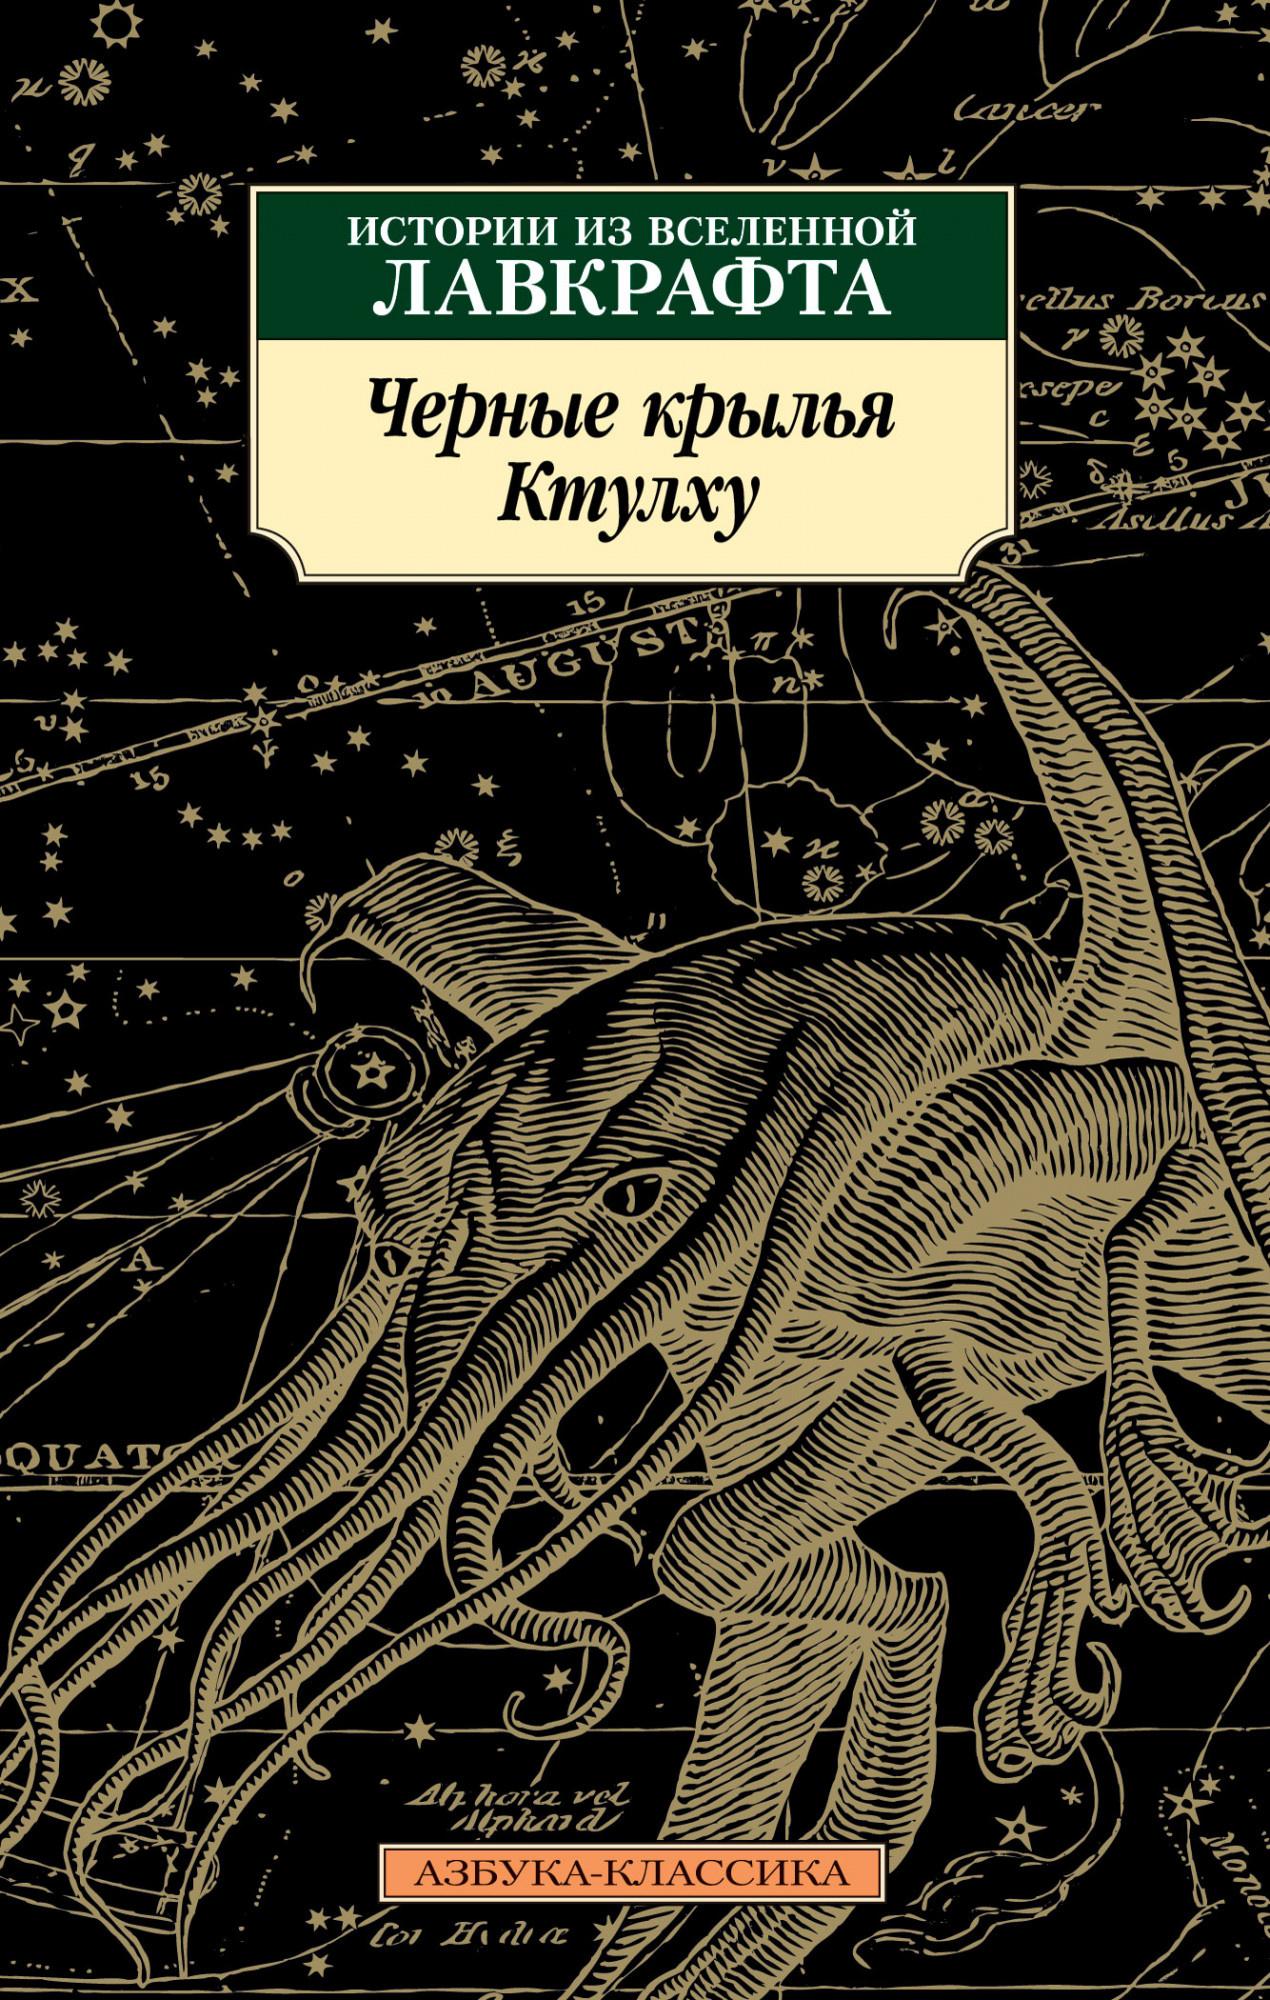 Черные крылья Ктулху. Книга 1